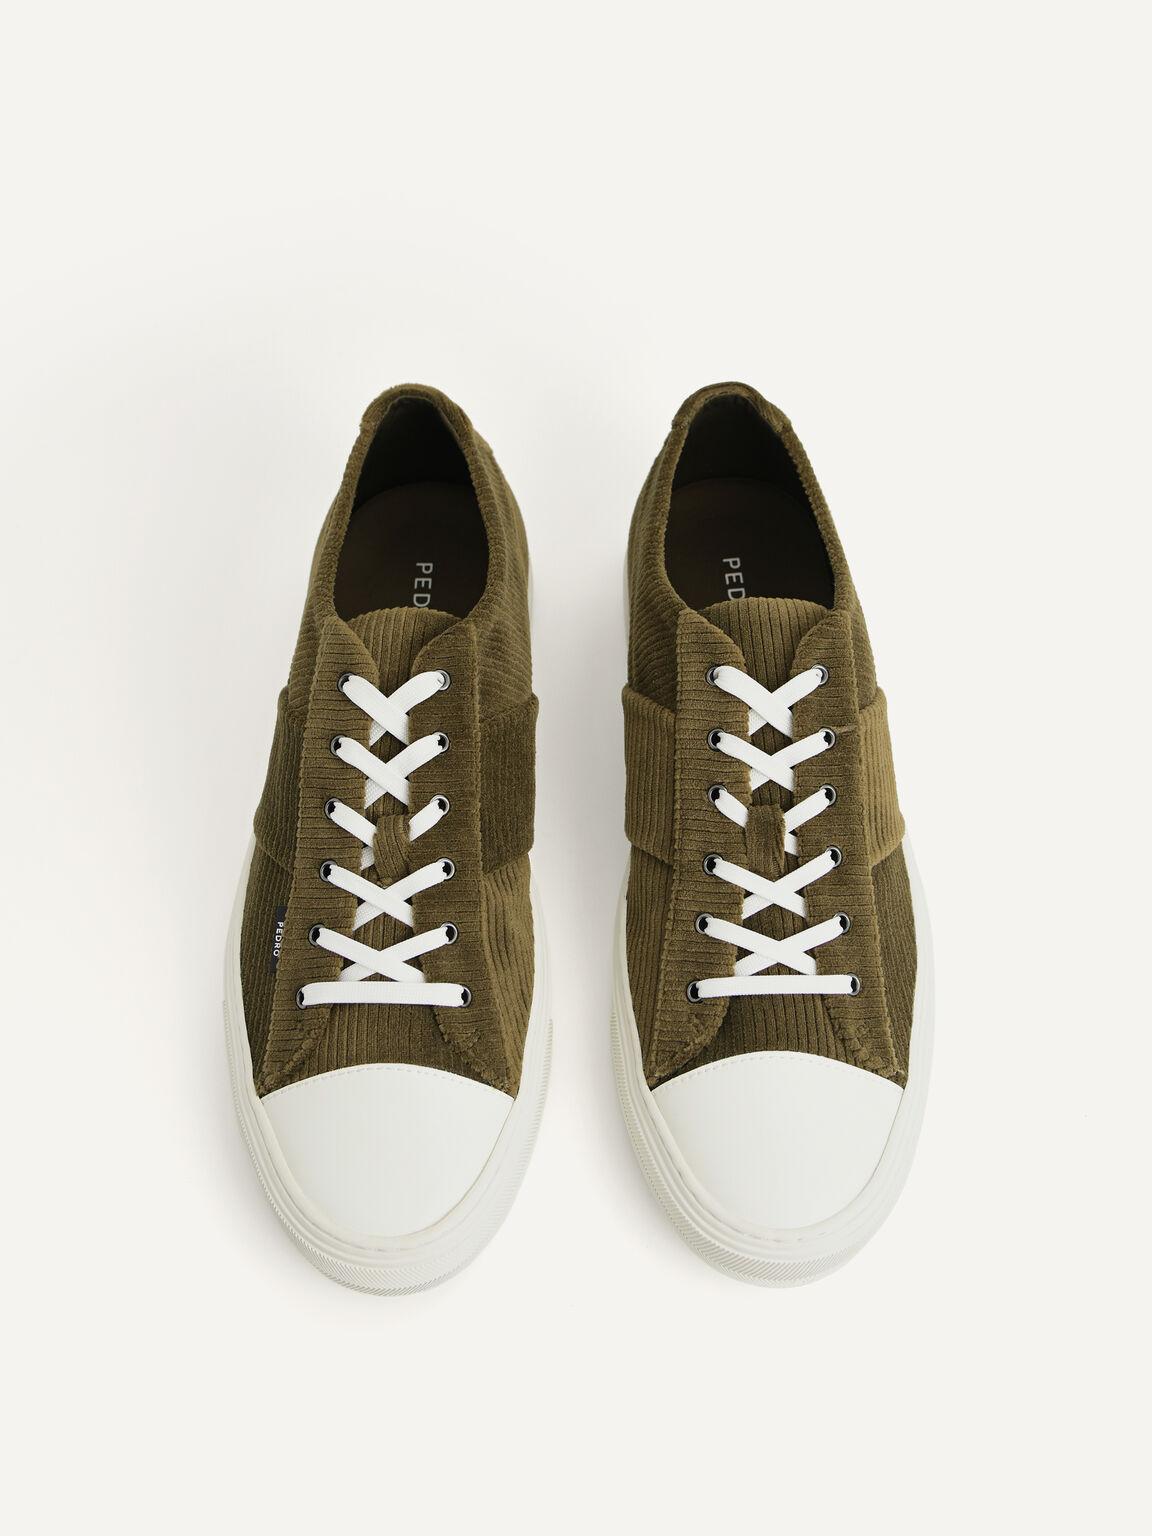 Atlas Sneakers, Olive, hi-res